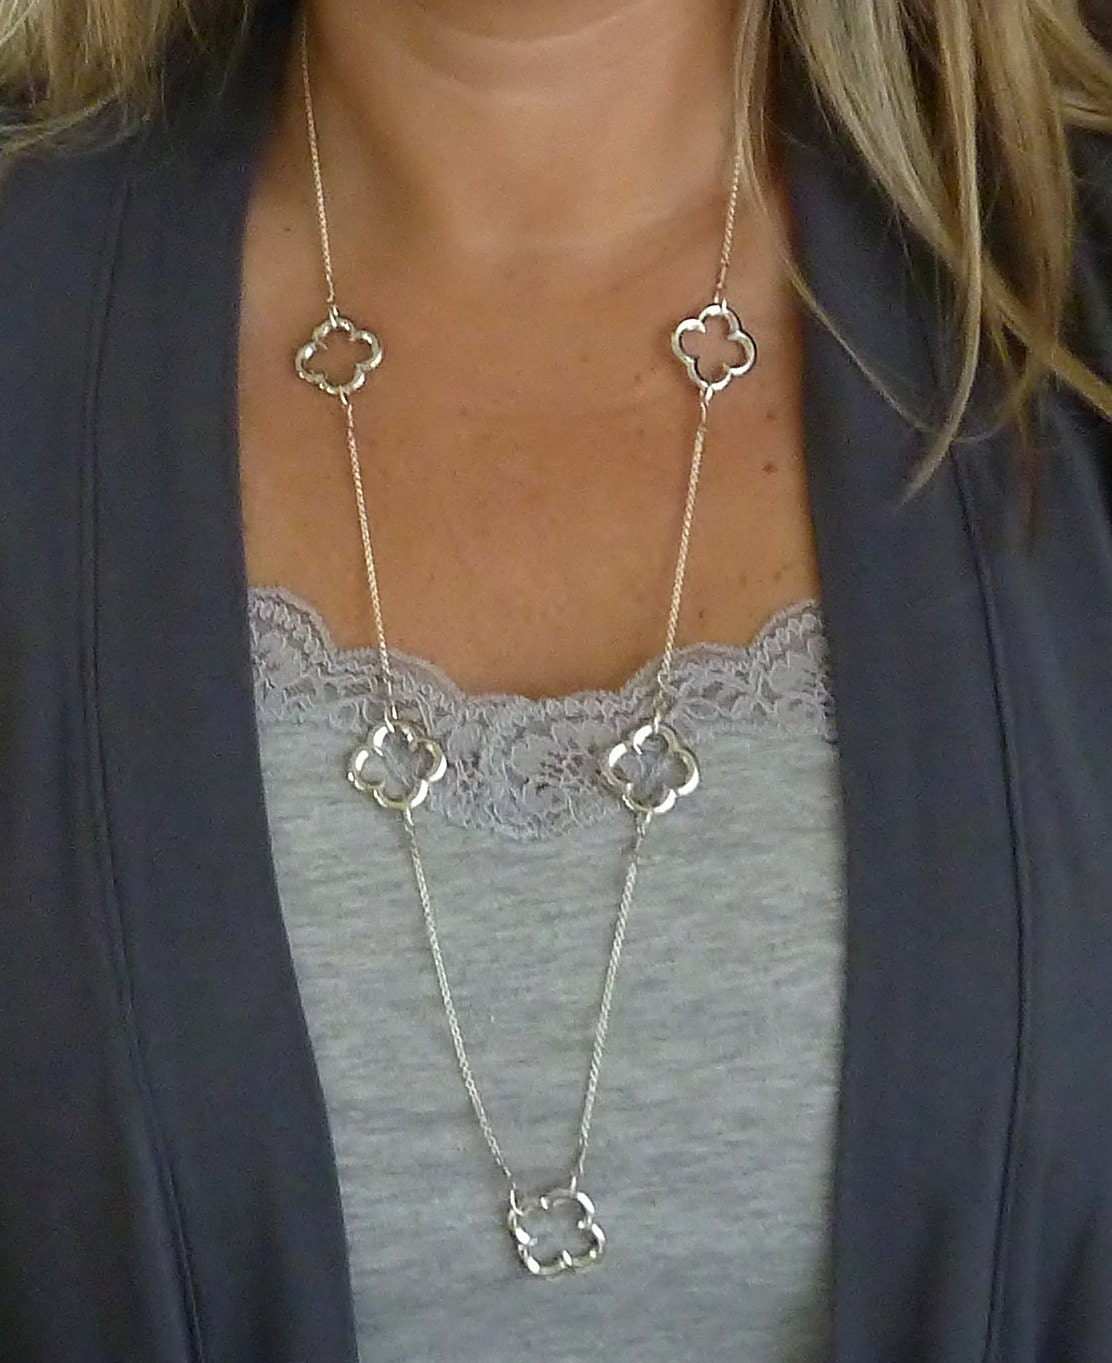 Clover Necklace Van Cleef: Van Cleef & Arpels Inspired Silver Clover Necklace FREE